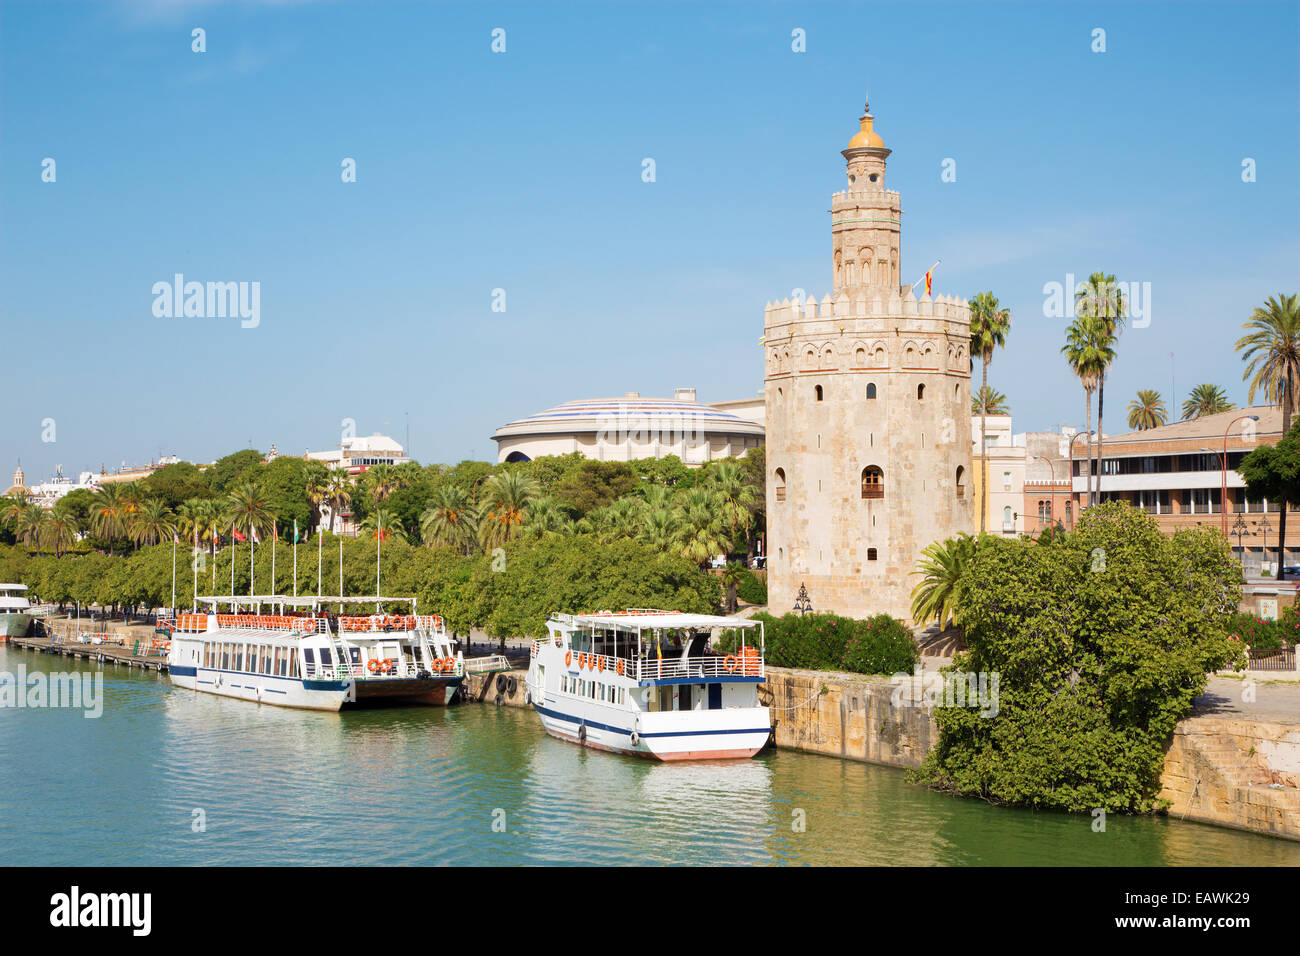 Sevilla - La torre medieval Torre del Oro en la ribera del río Guadalquivir. Imagen De Stock